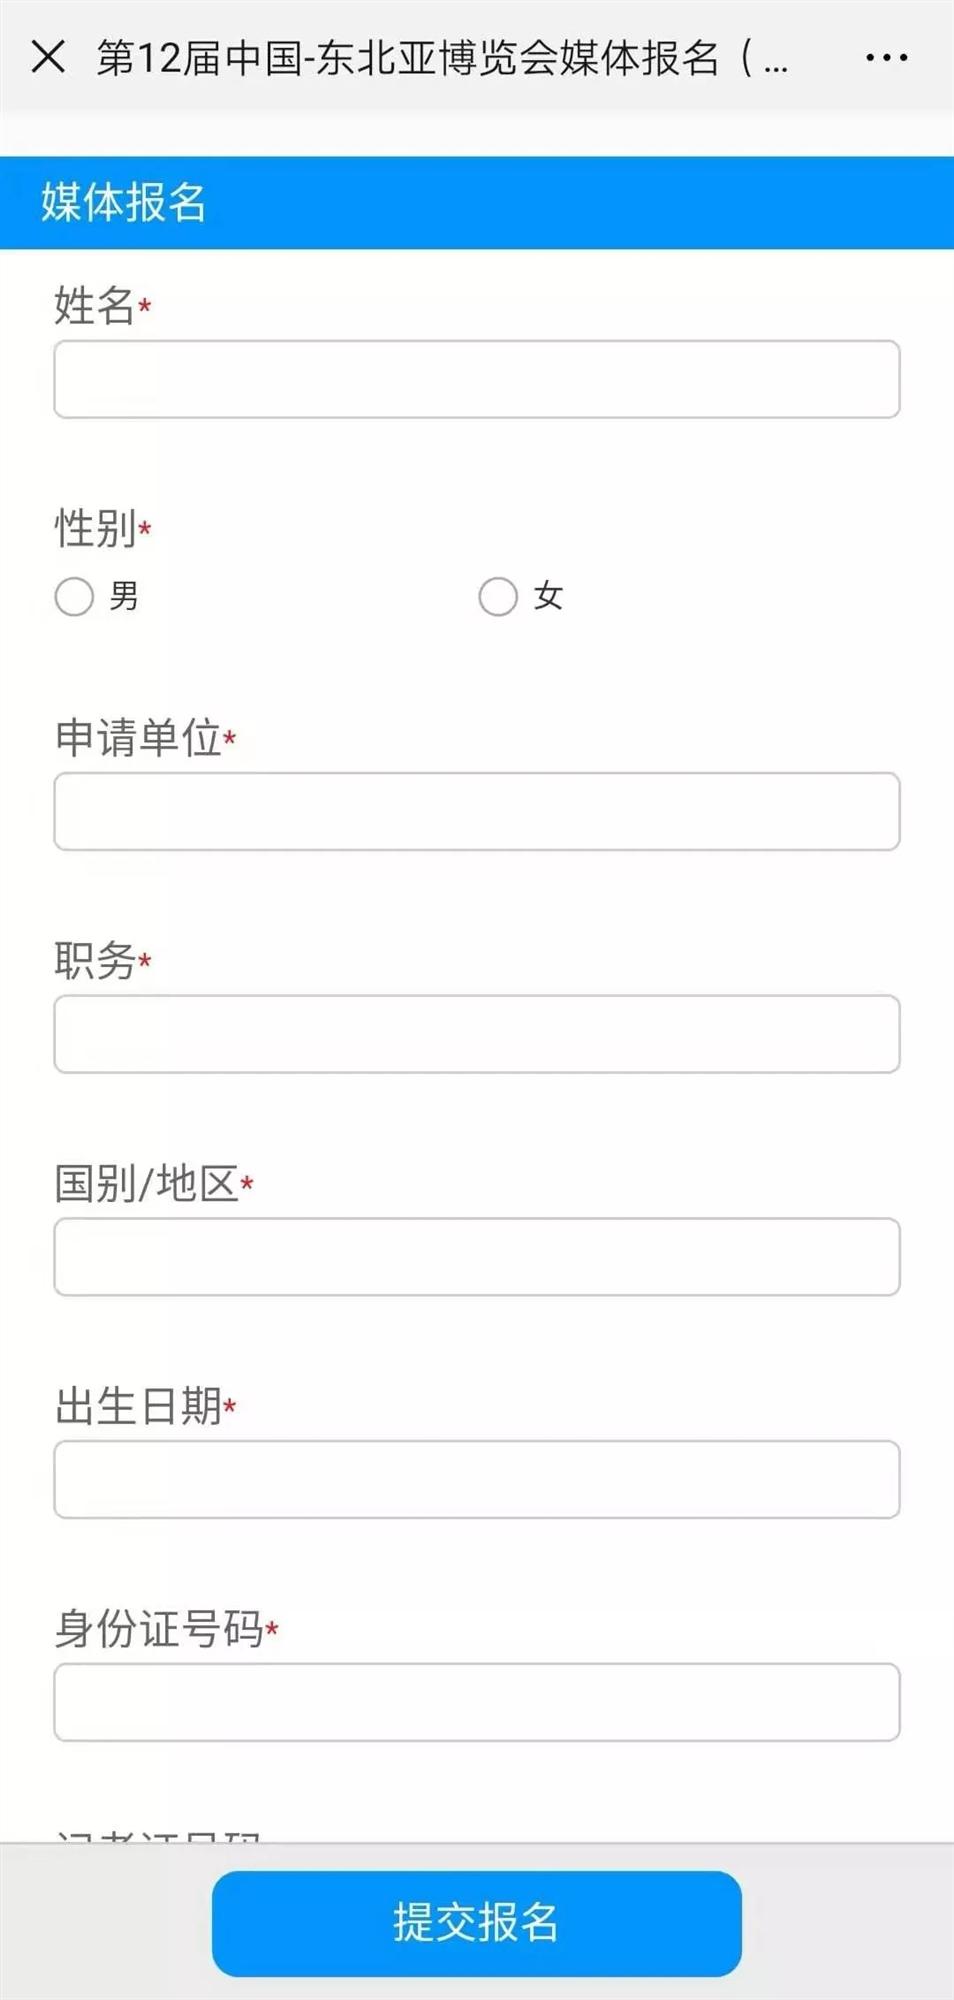 04.webp_副本.jpg